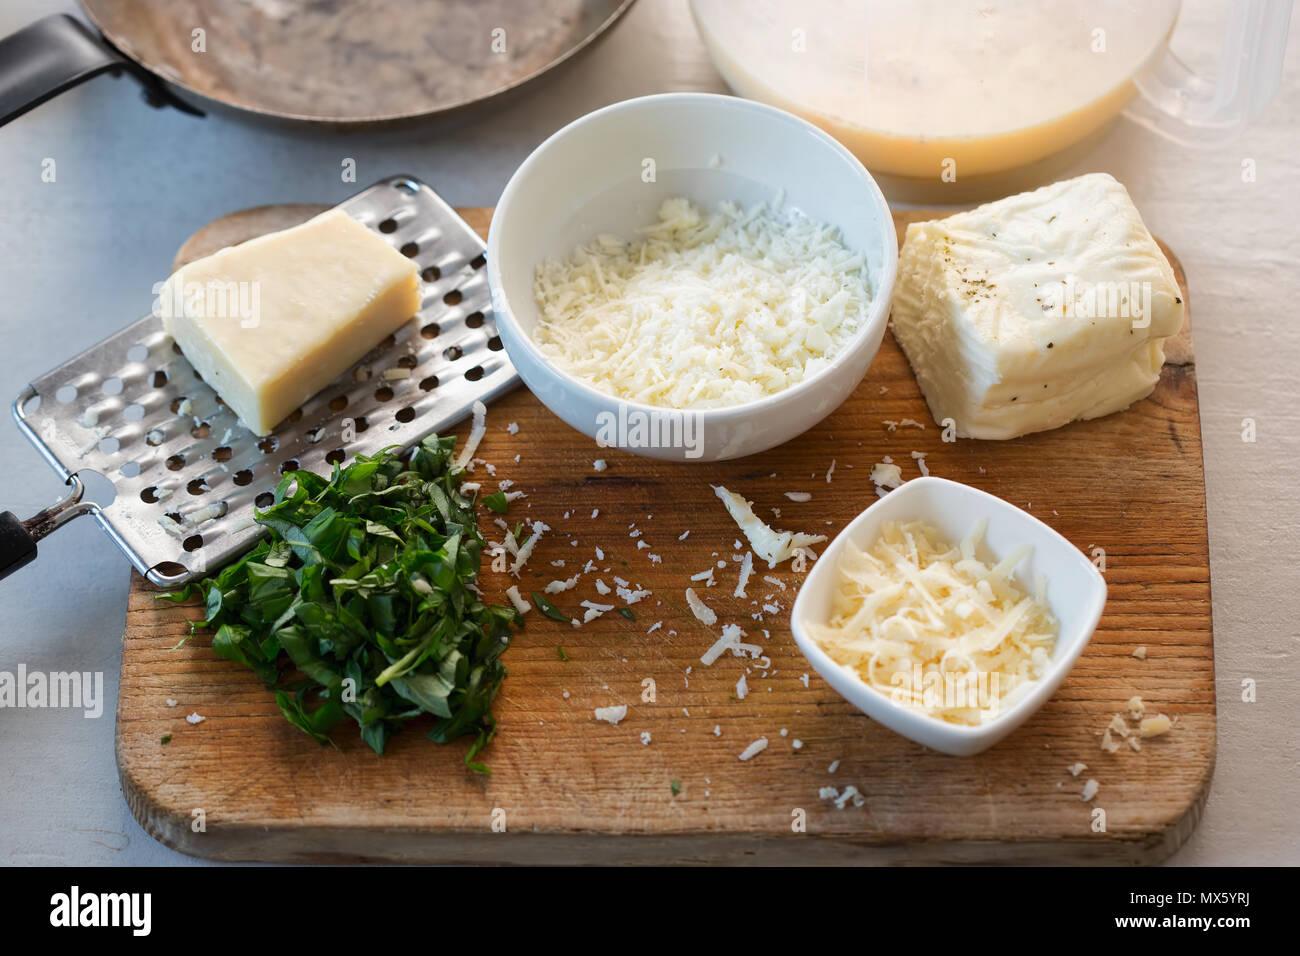 Frittata Zutaten: Verquirlten Eier & Milch, halloumi und Parmesan, schneiden Basilikum Stockbild